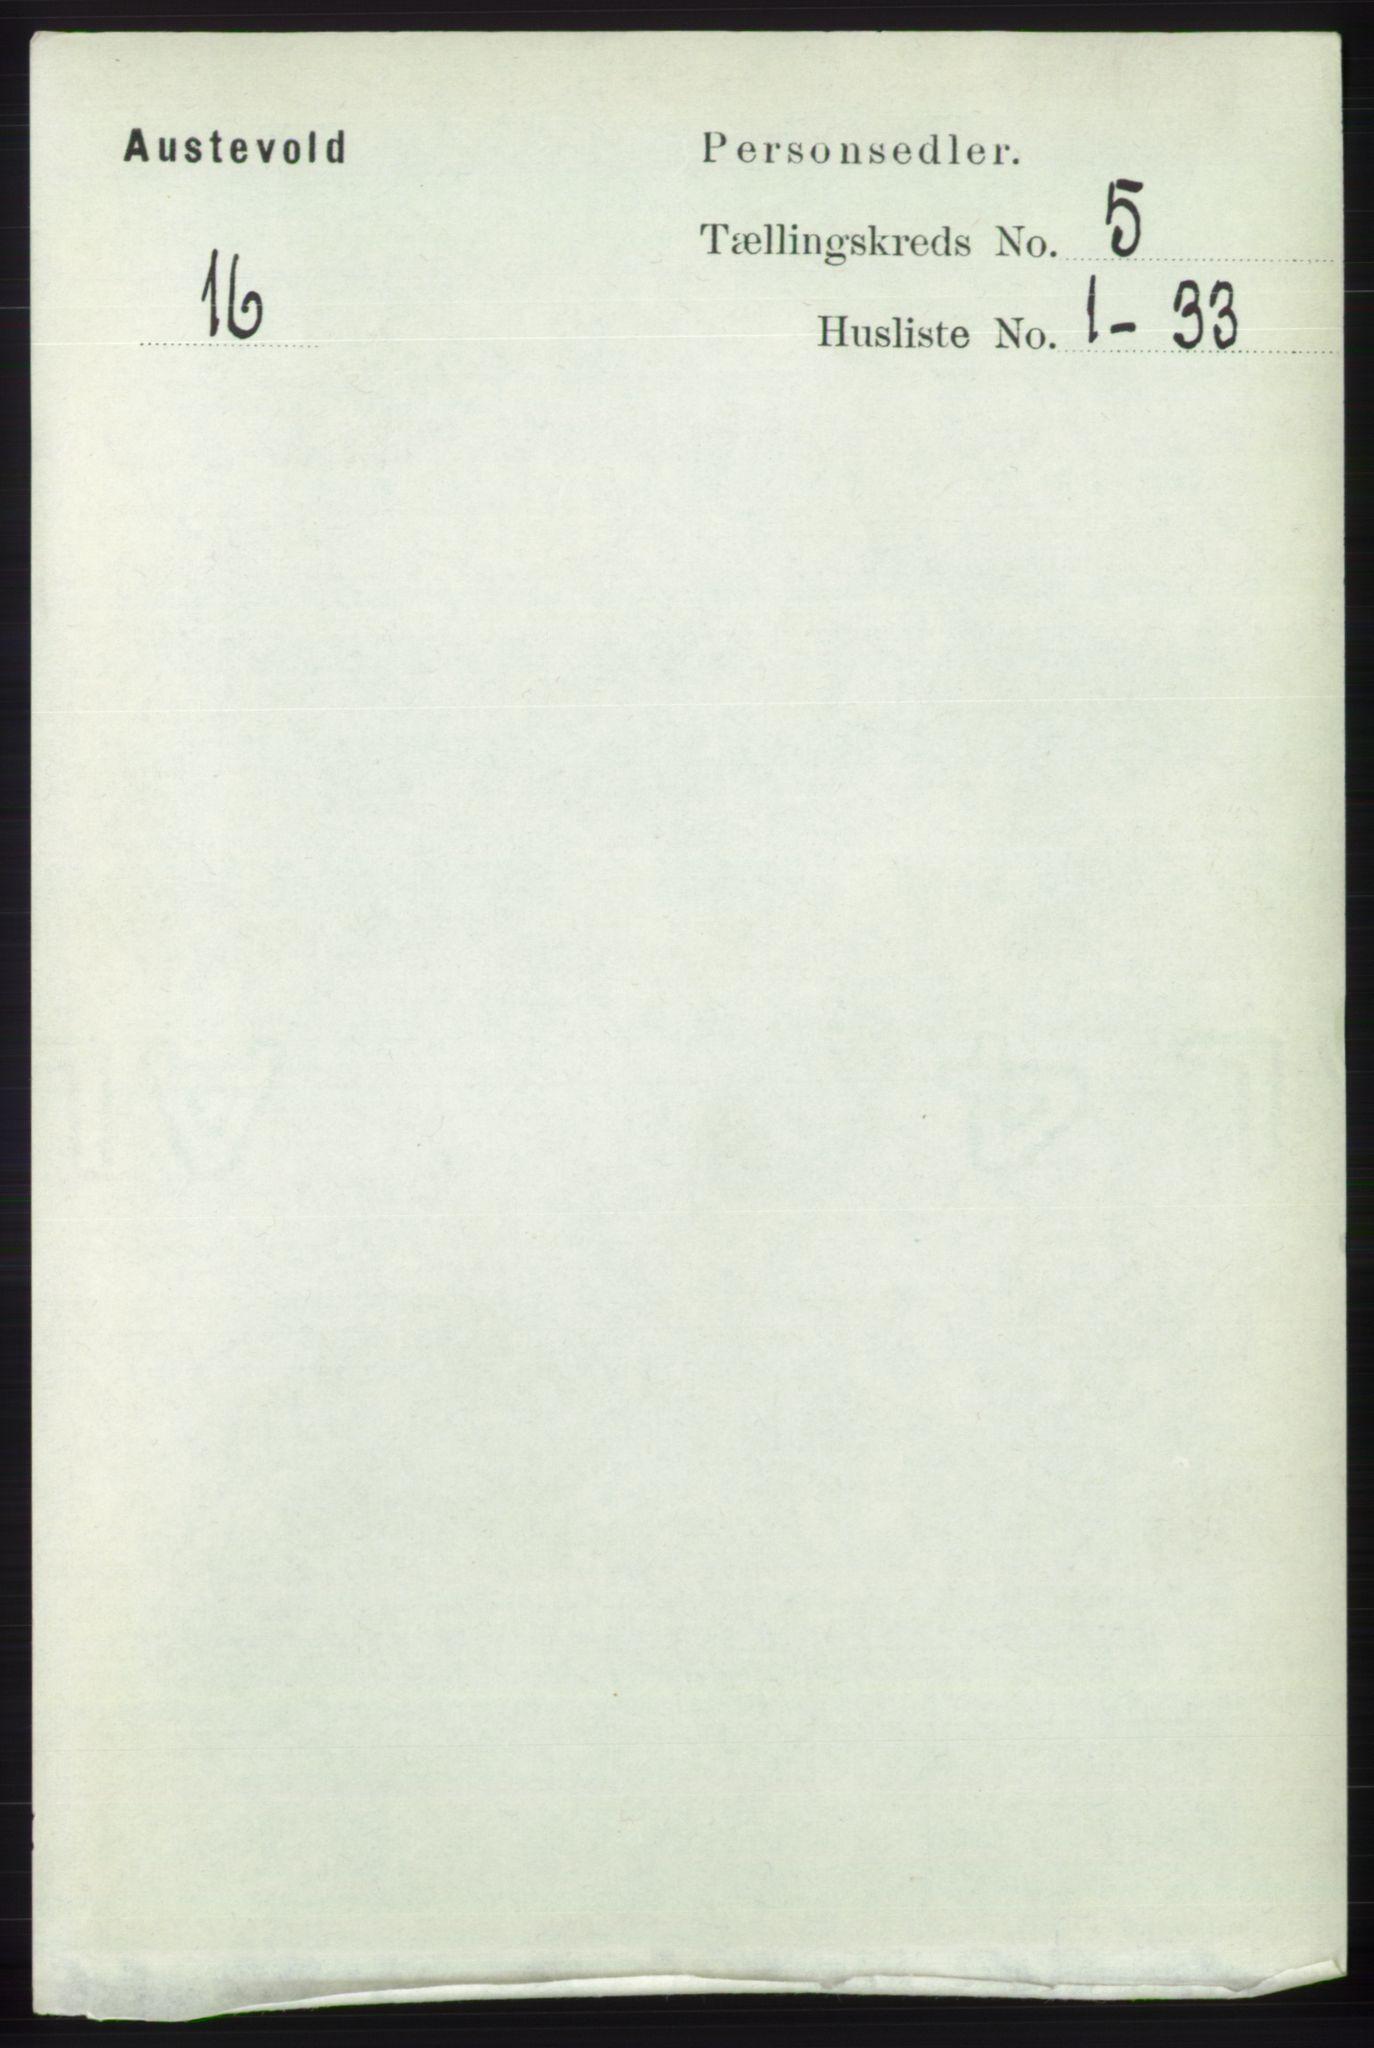 RA, Folketelling 1891 for 1244 Austevoll herred, 1891, s. 2003